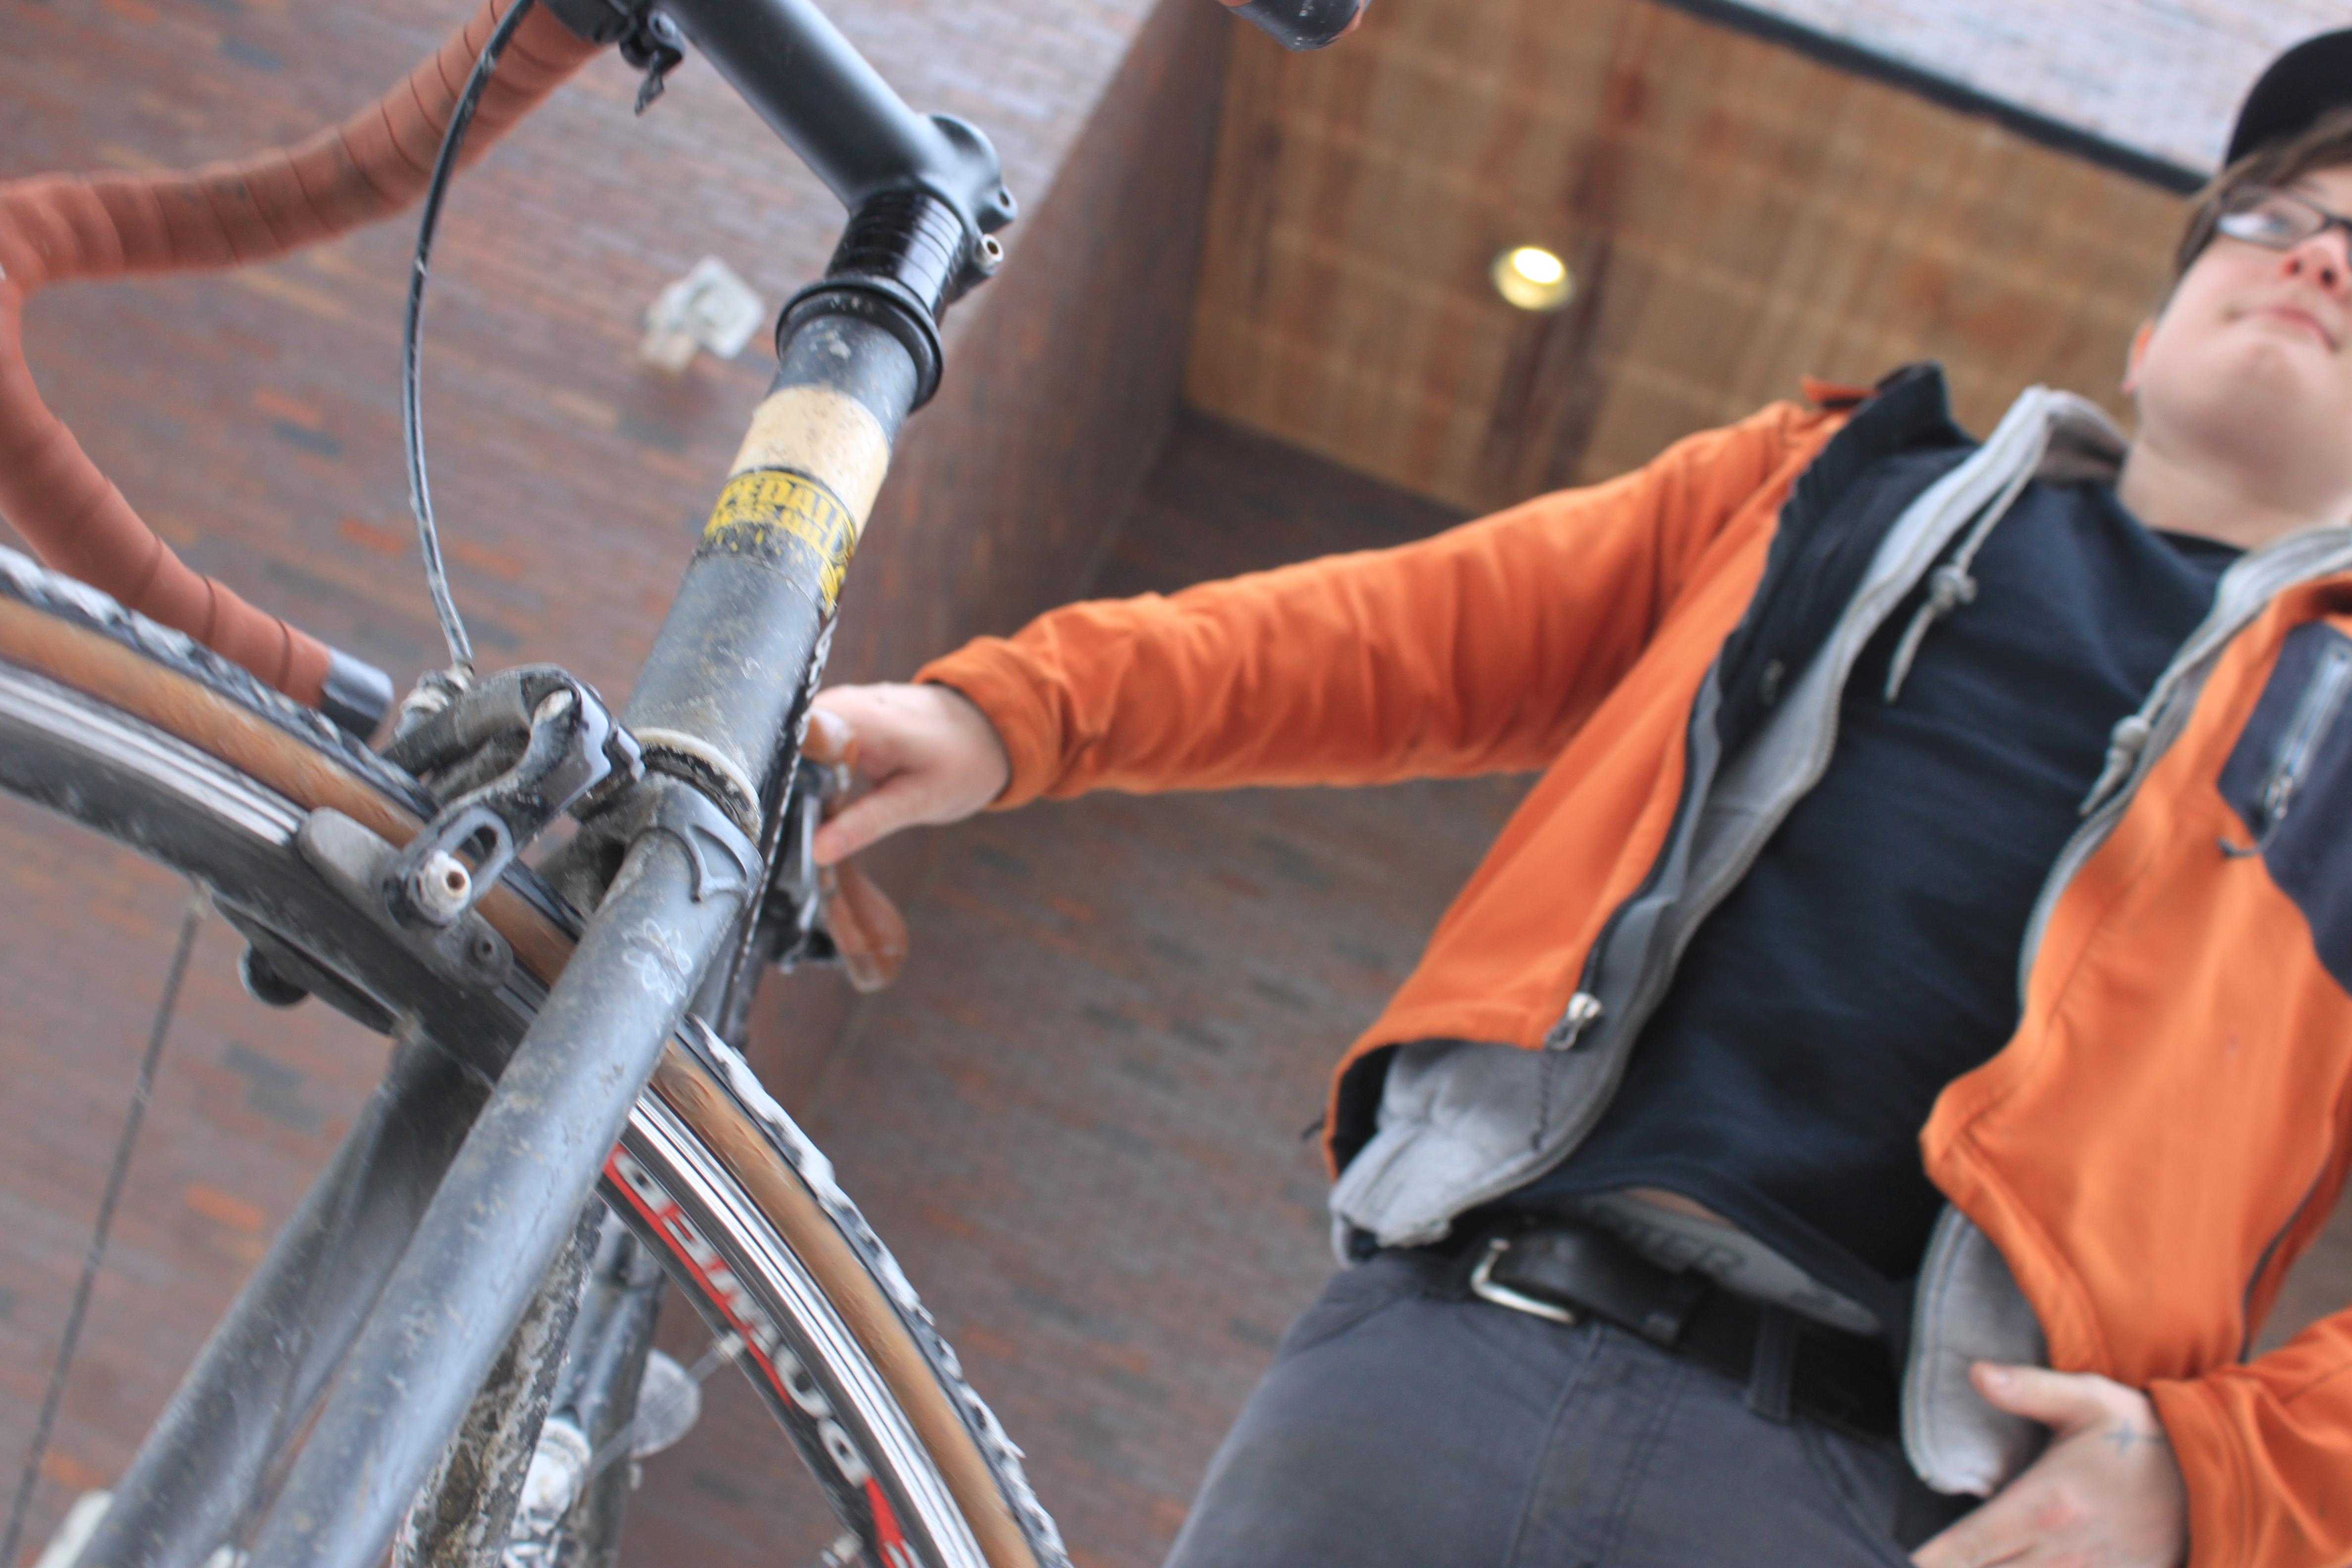 Cycling through the season